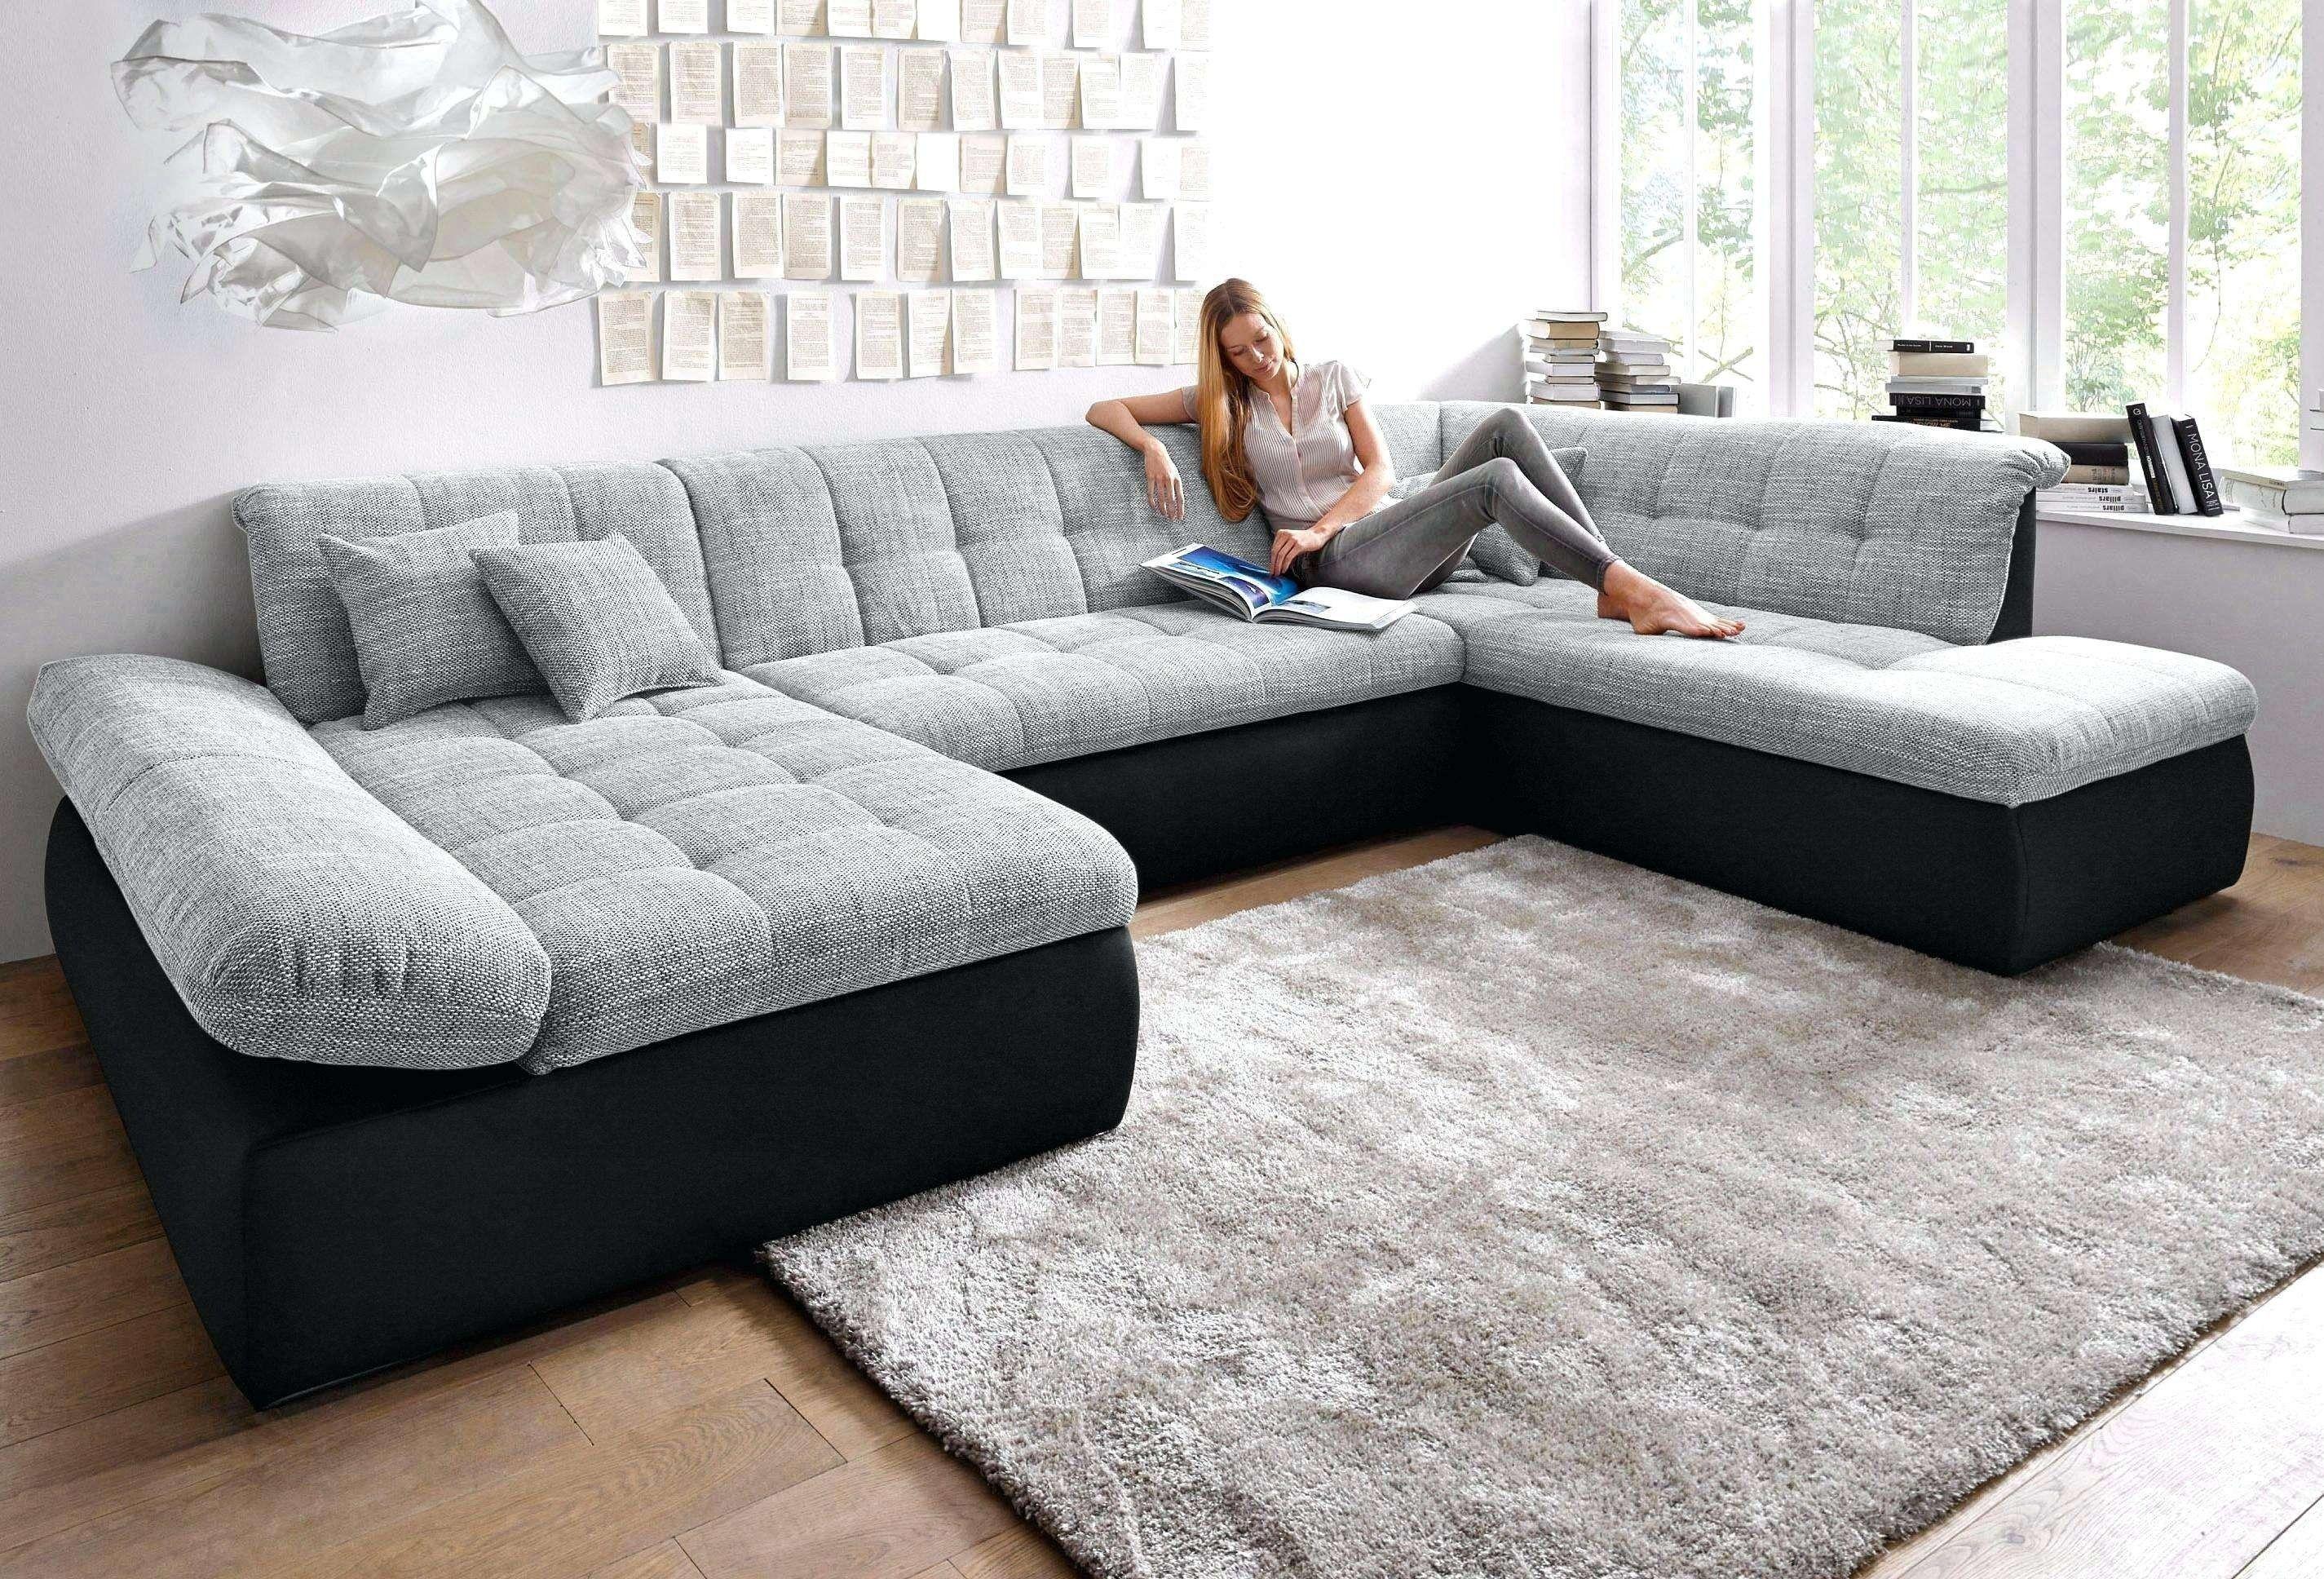 Wohnzimmer Sofa Xxl  Wohnen, Wohnzimmer design, Haus deko